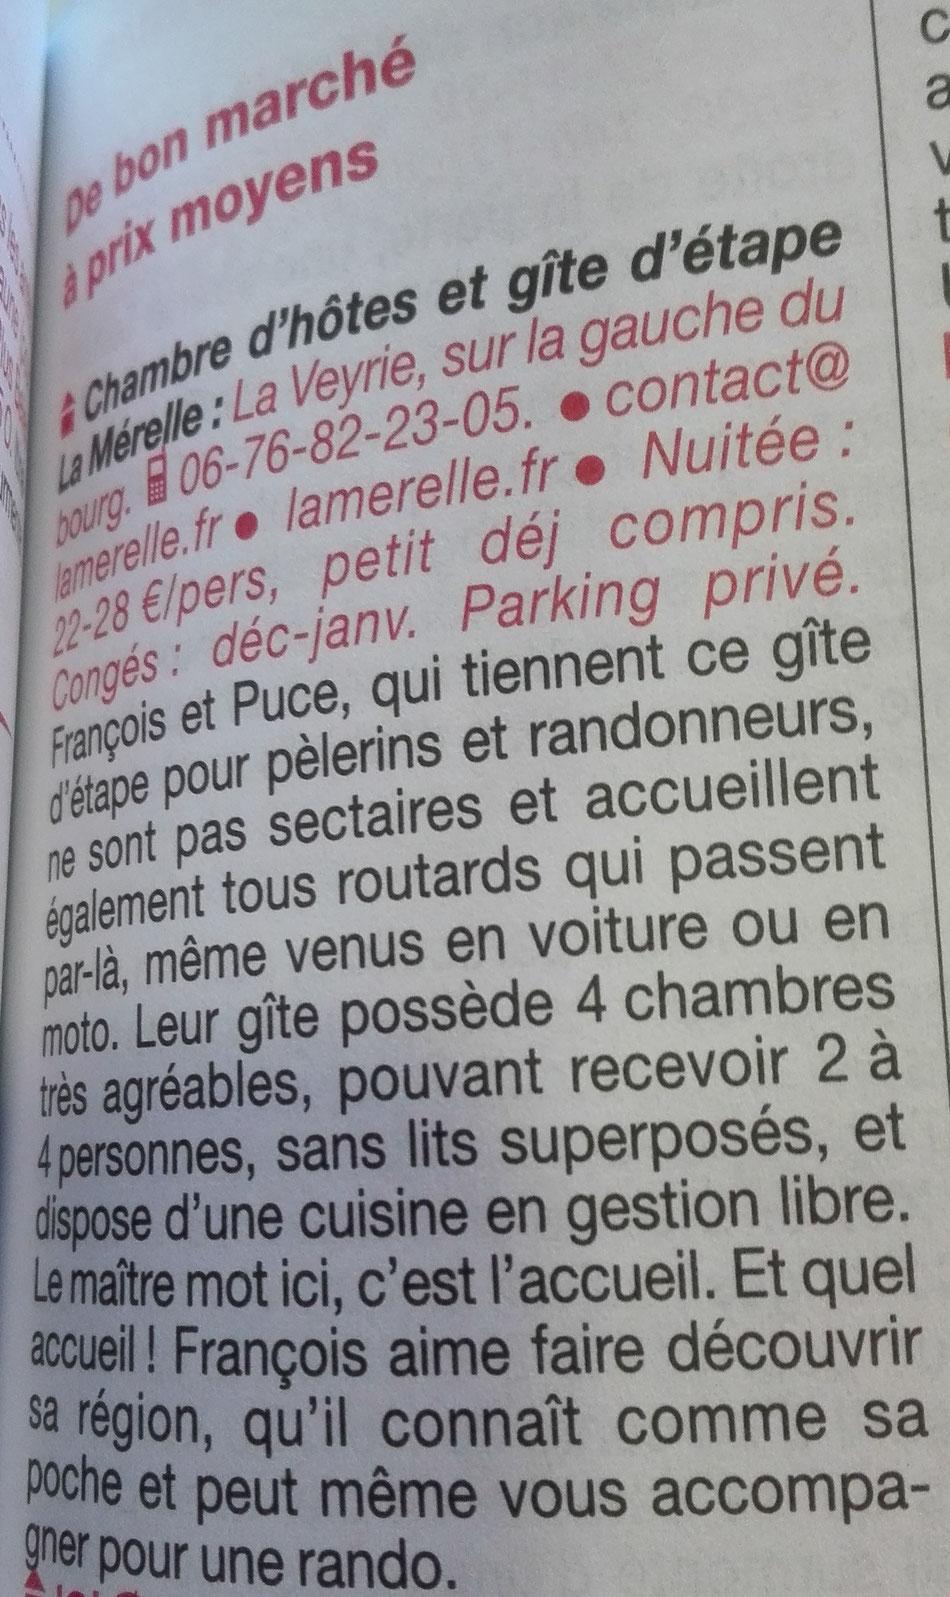 Le Routard recommande La Mérelle de Collonges-la-Rouge dans son Guide Limousin. La Mérelle est un gîte d'étape et accueil pèlerin de grand confort, sur La Voie de Rocamadour en Limousin et Haut-Quercy, Chemin vers Compostelle, et sur le GR 480